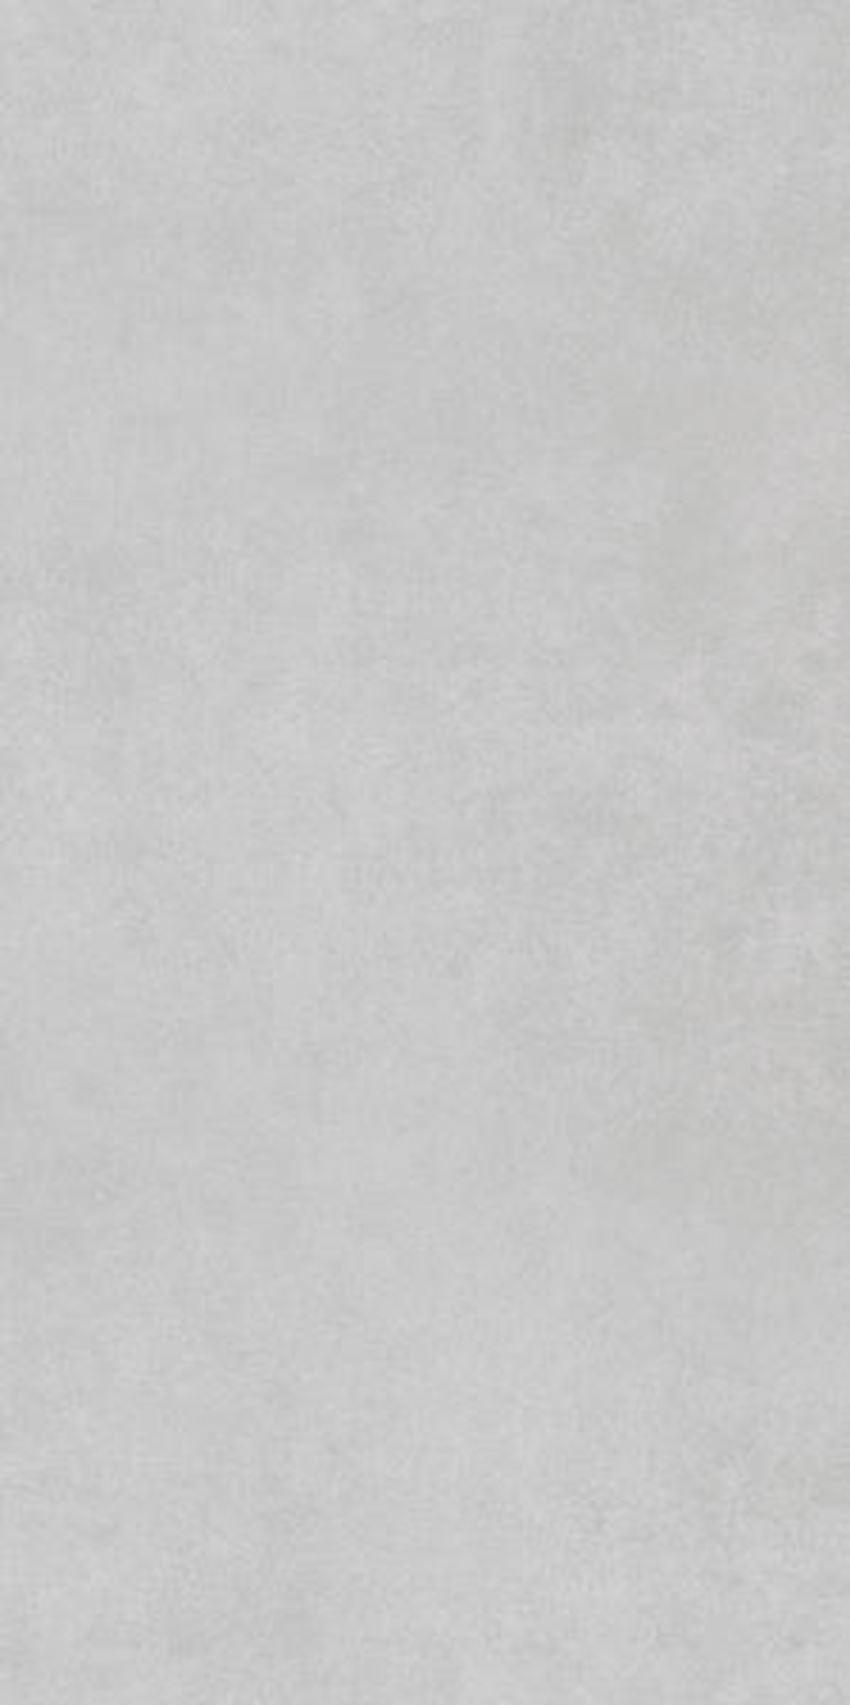 Płytka ścienno-podłogowa 29,8x59,8cm Paradyż Tero Silver Gres Rekt. Półpoler